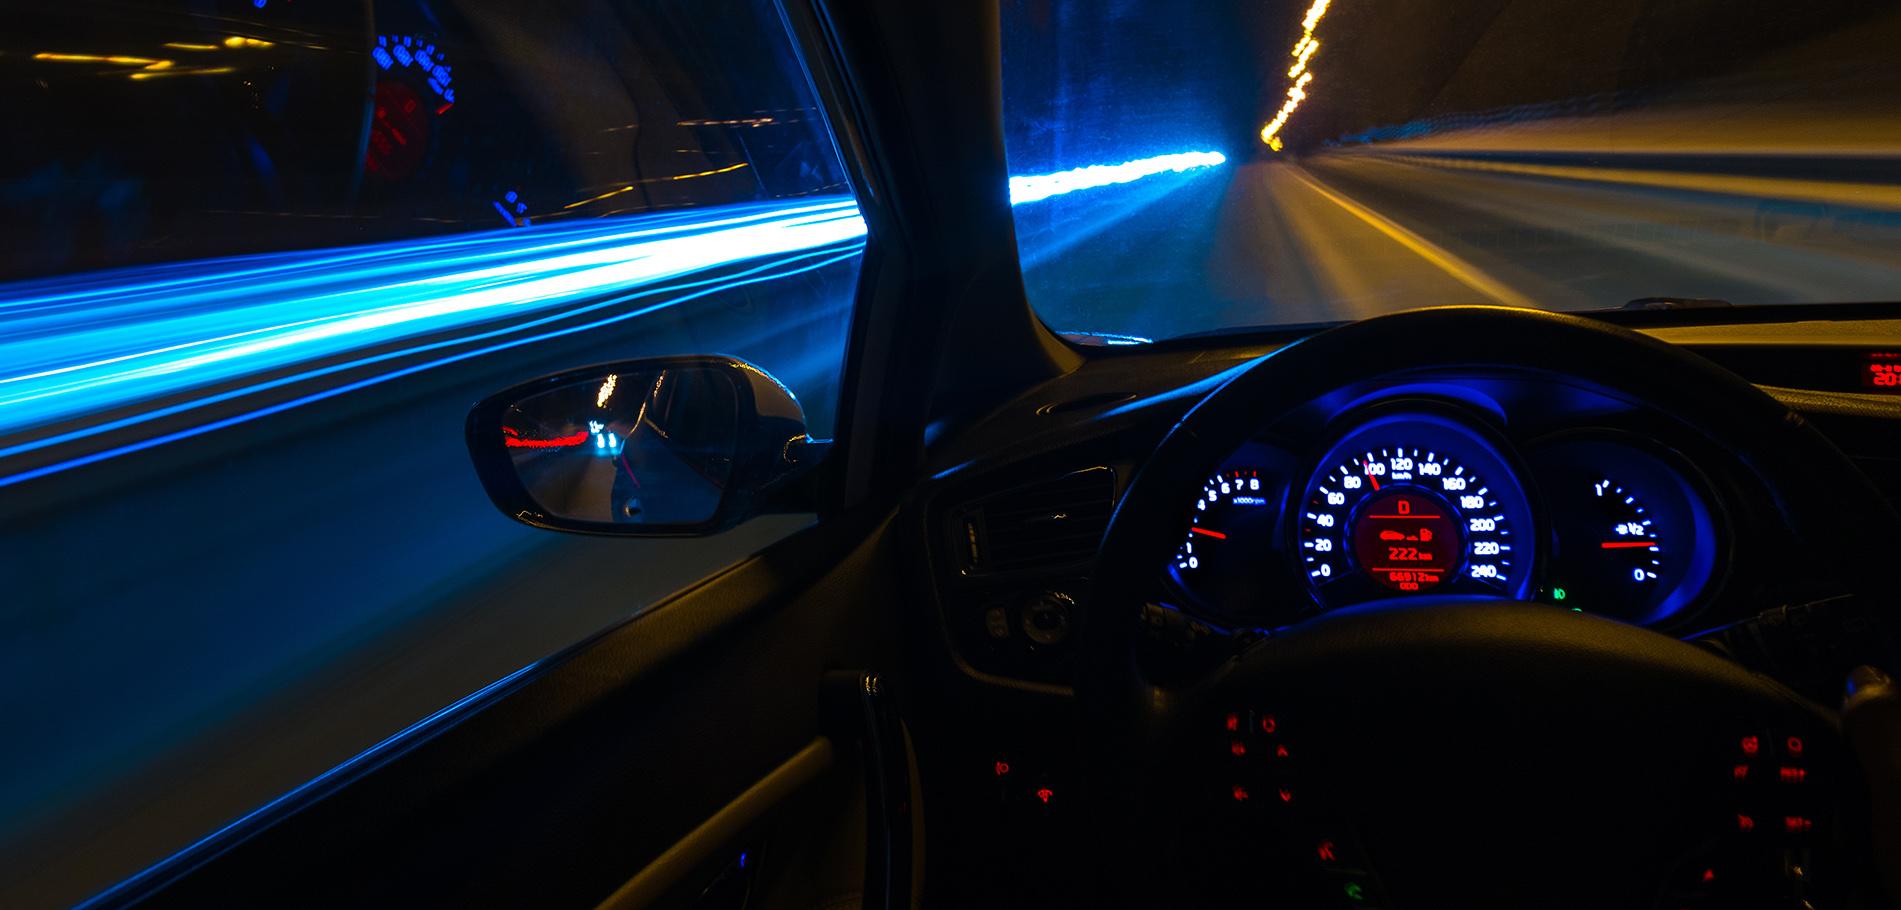 Main – Car Dashboard